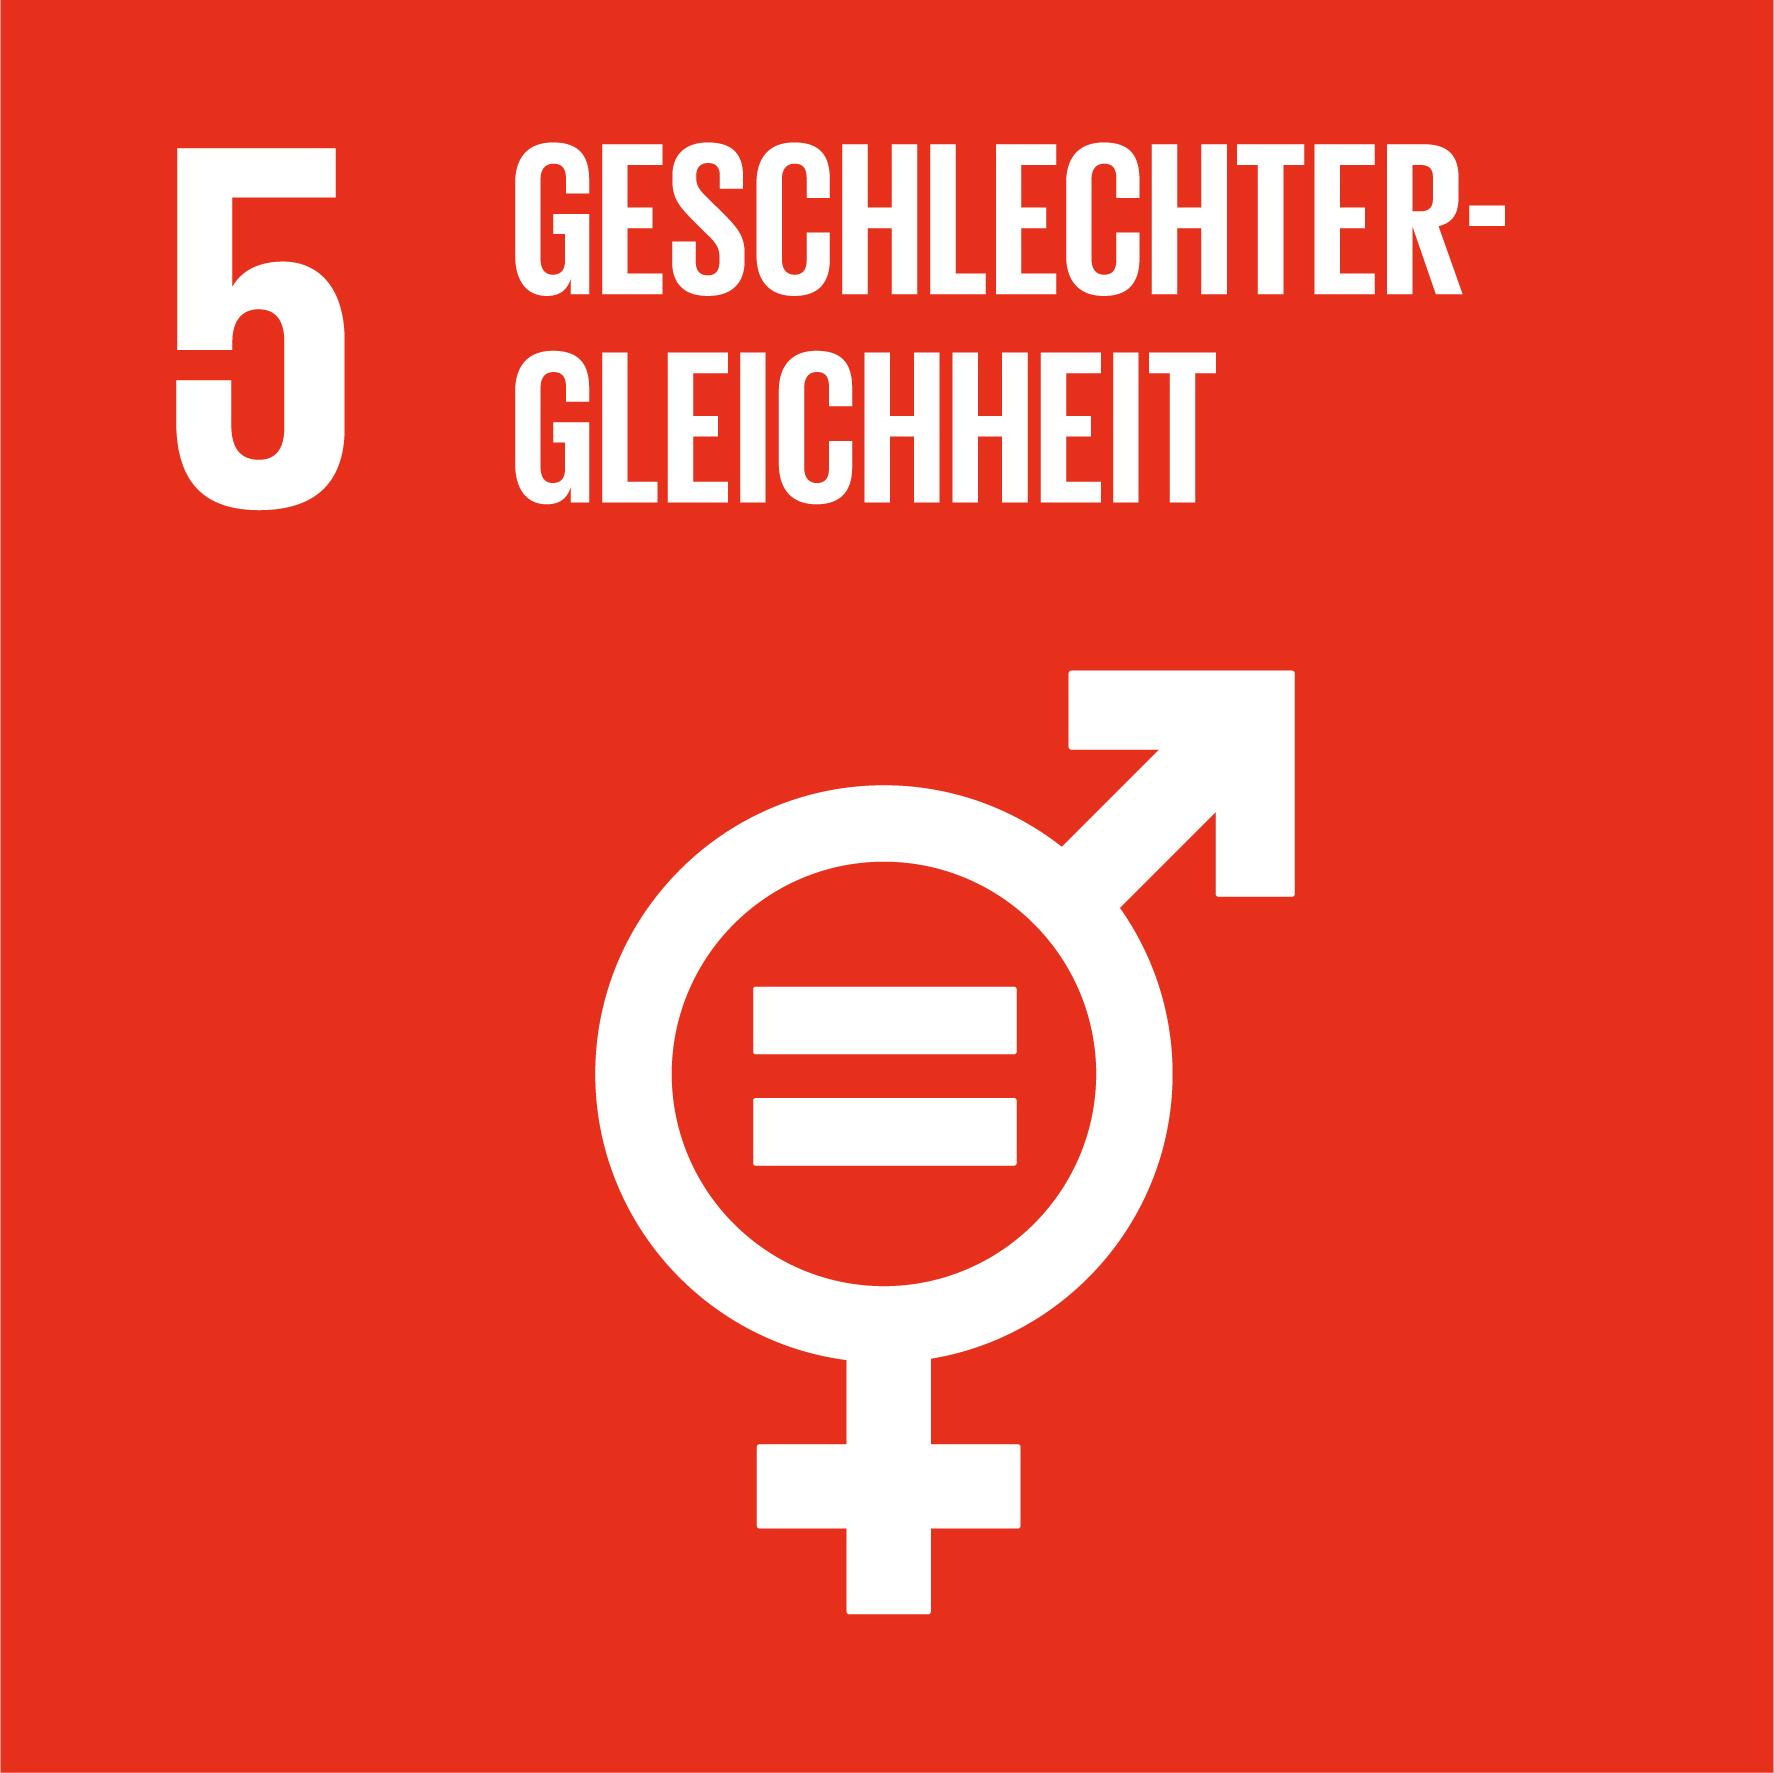 05 Geschlechtergleichheit